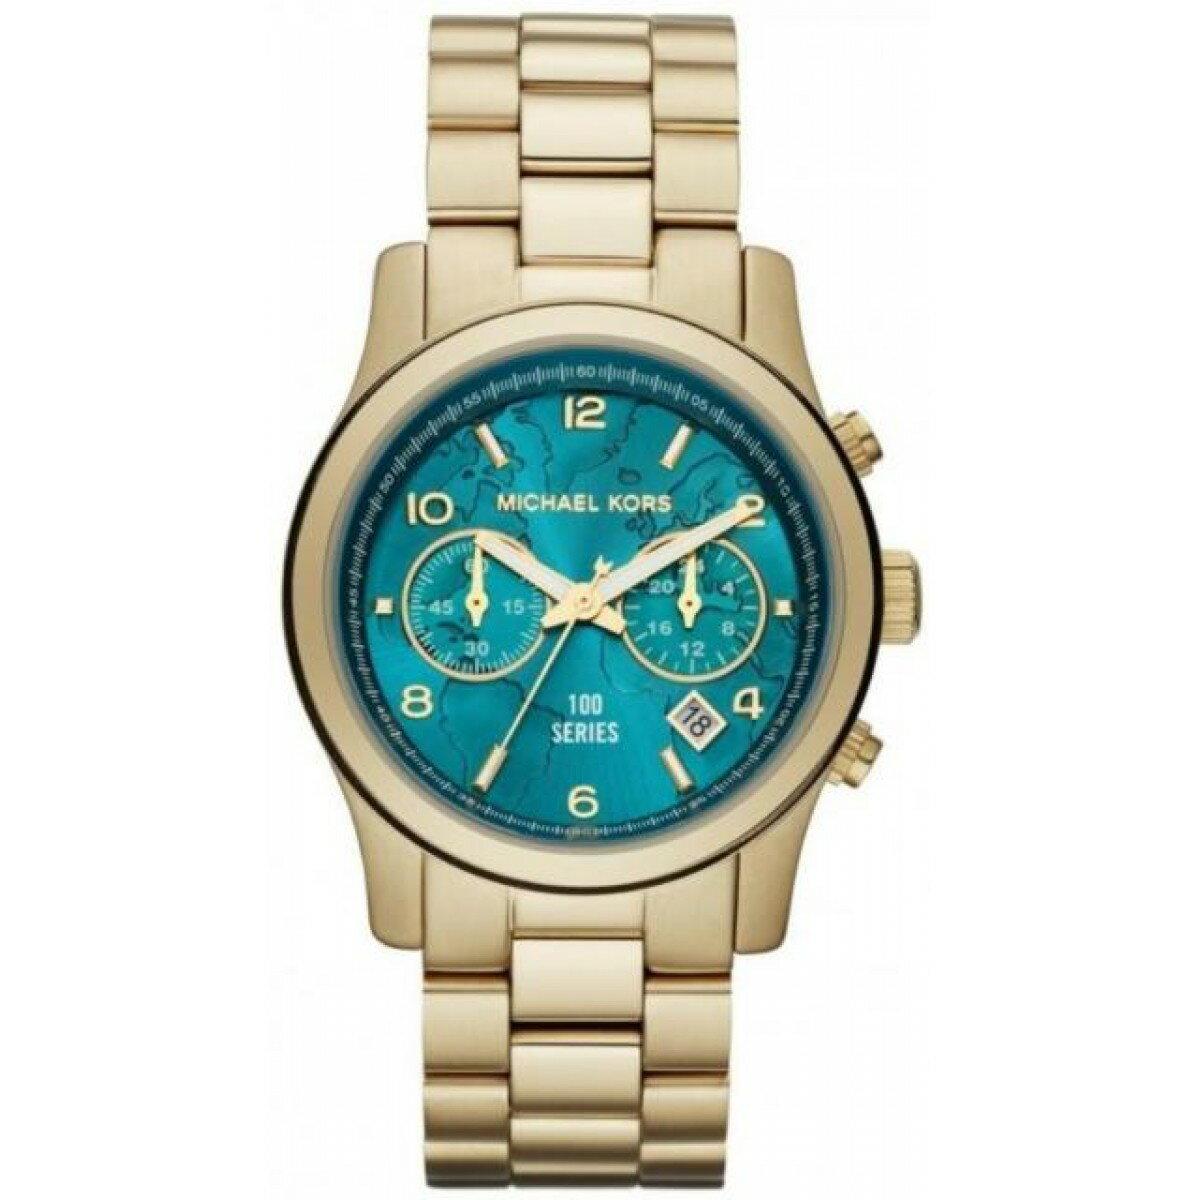 Outlet 正品代購 Michael Kors MK 綠色地球浮雕雙眼計時 手錶腕錶 女錶 38mm MK5815